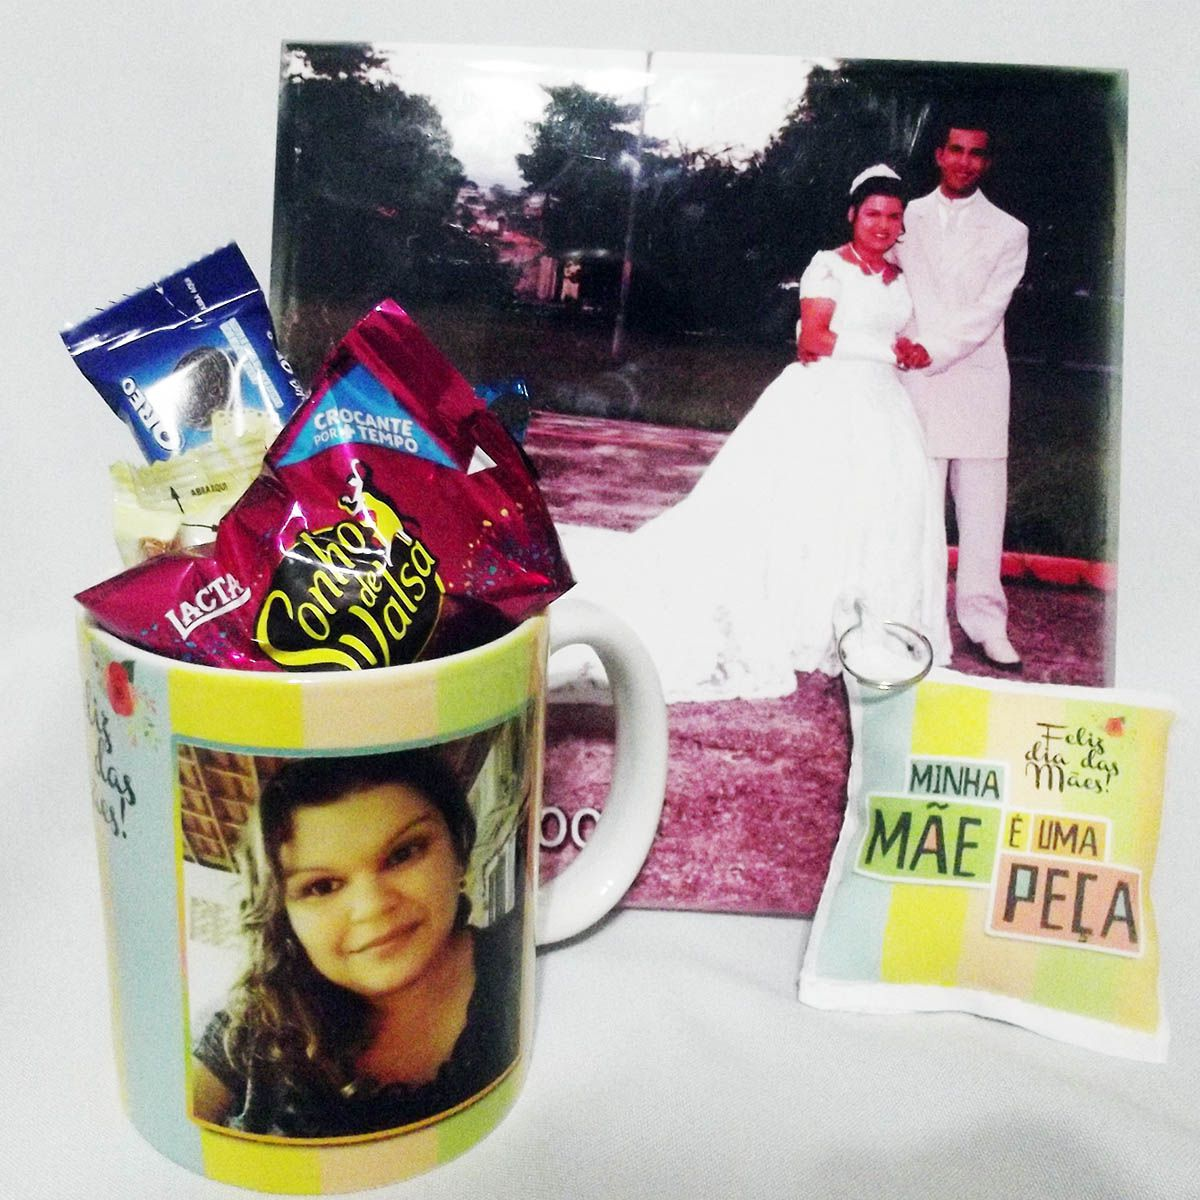 Kit Presente Dia da Mães - Caneca - Azulejo - Chocolates - Kit Lembranças